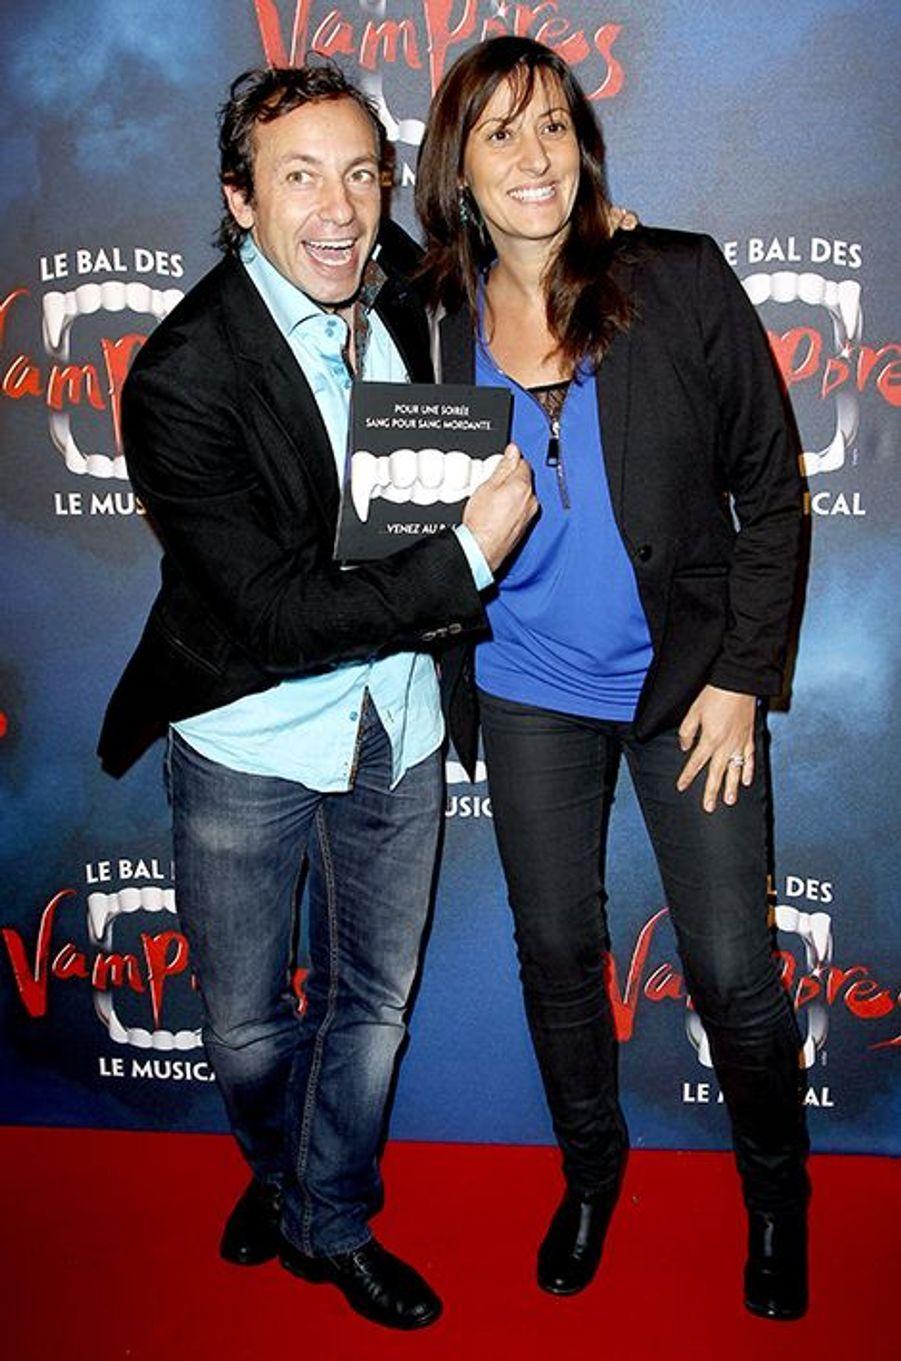 """Philippe Candeloro et son épouse Olivia à la première de la comédie musicale """"Le Bal des Vampires"""" au théâtre Mogador le 16 octobre à Paris"""